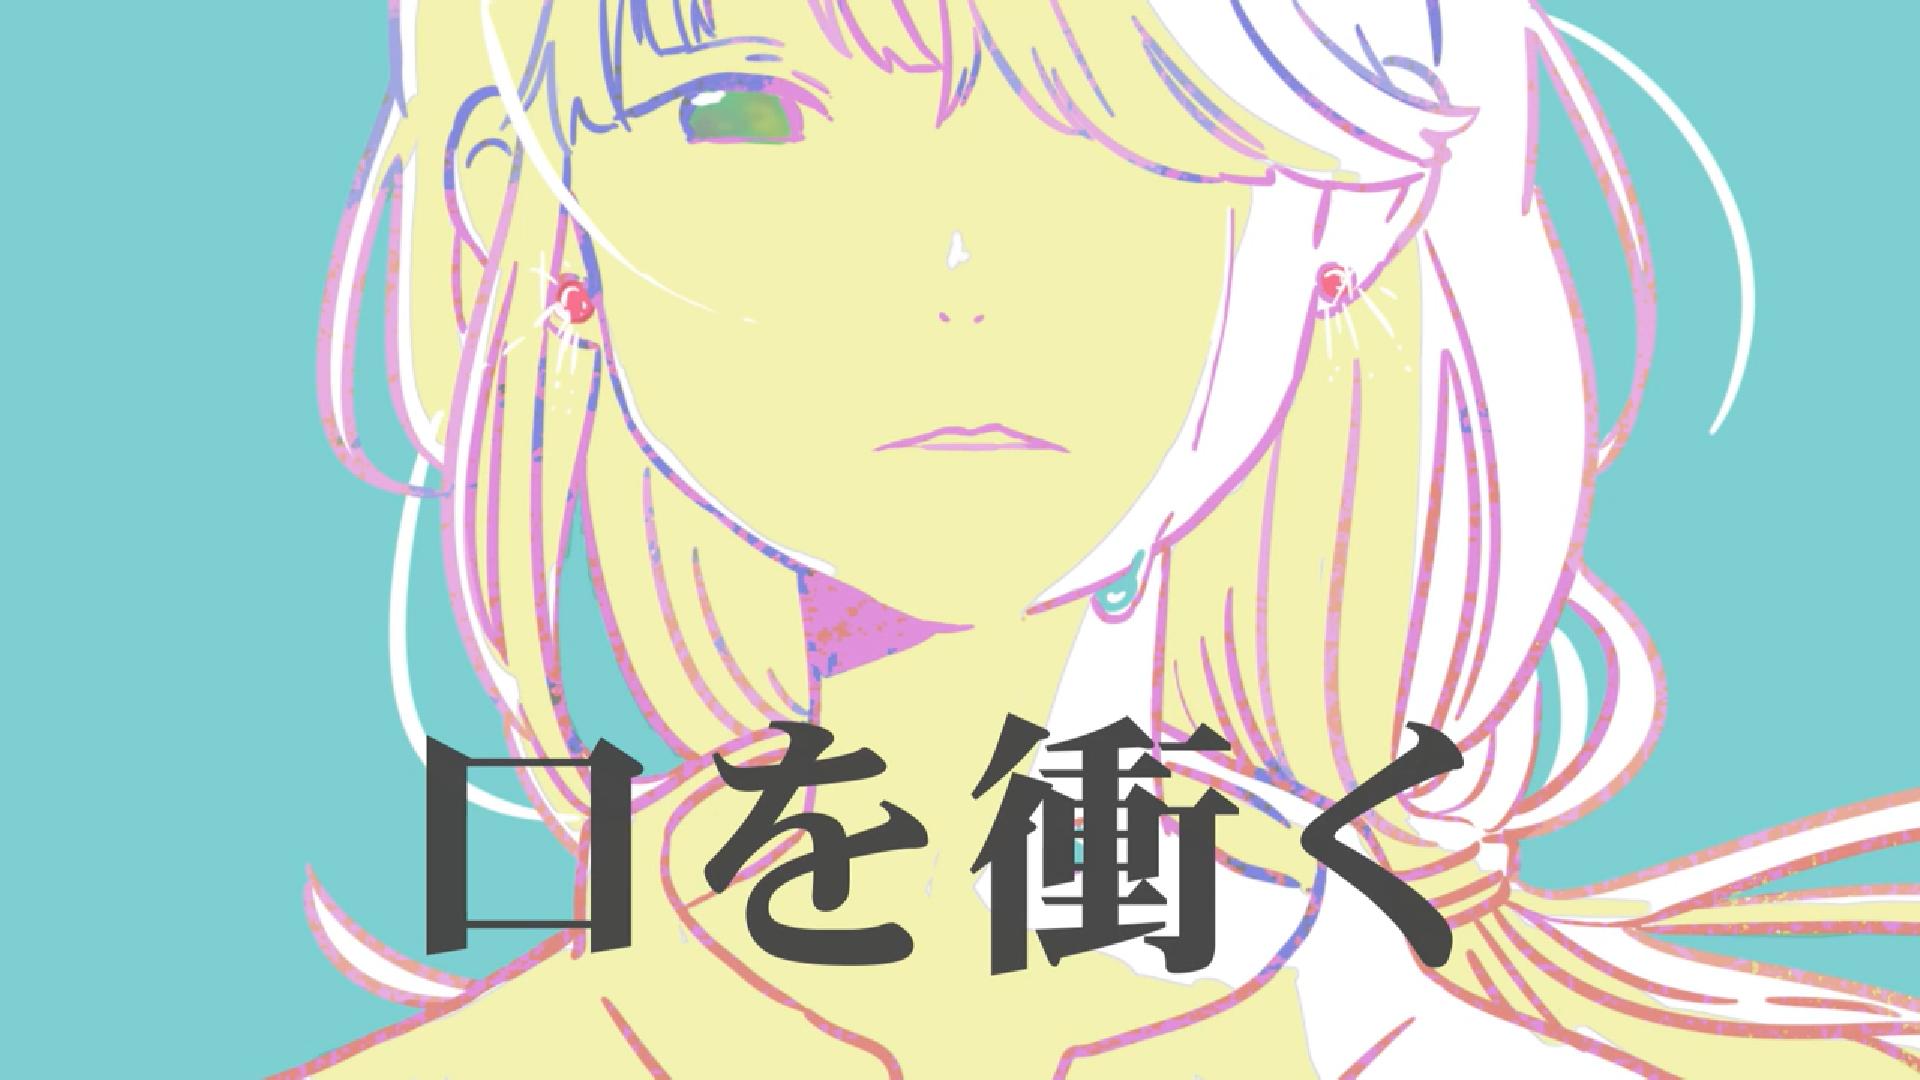 口を衝く (Kuchi o Tsuku)